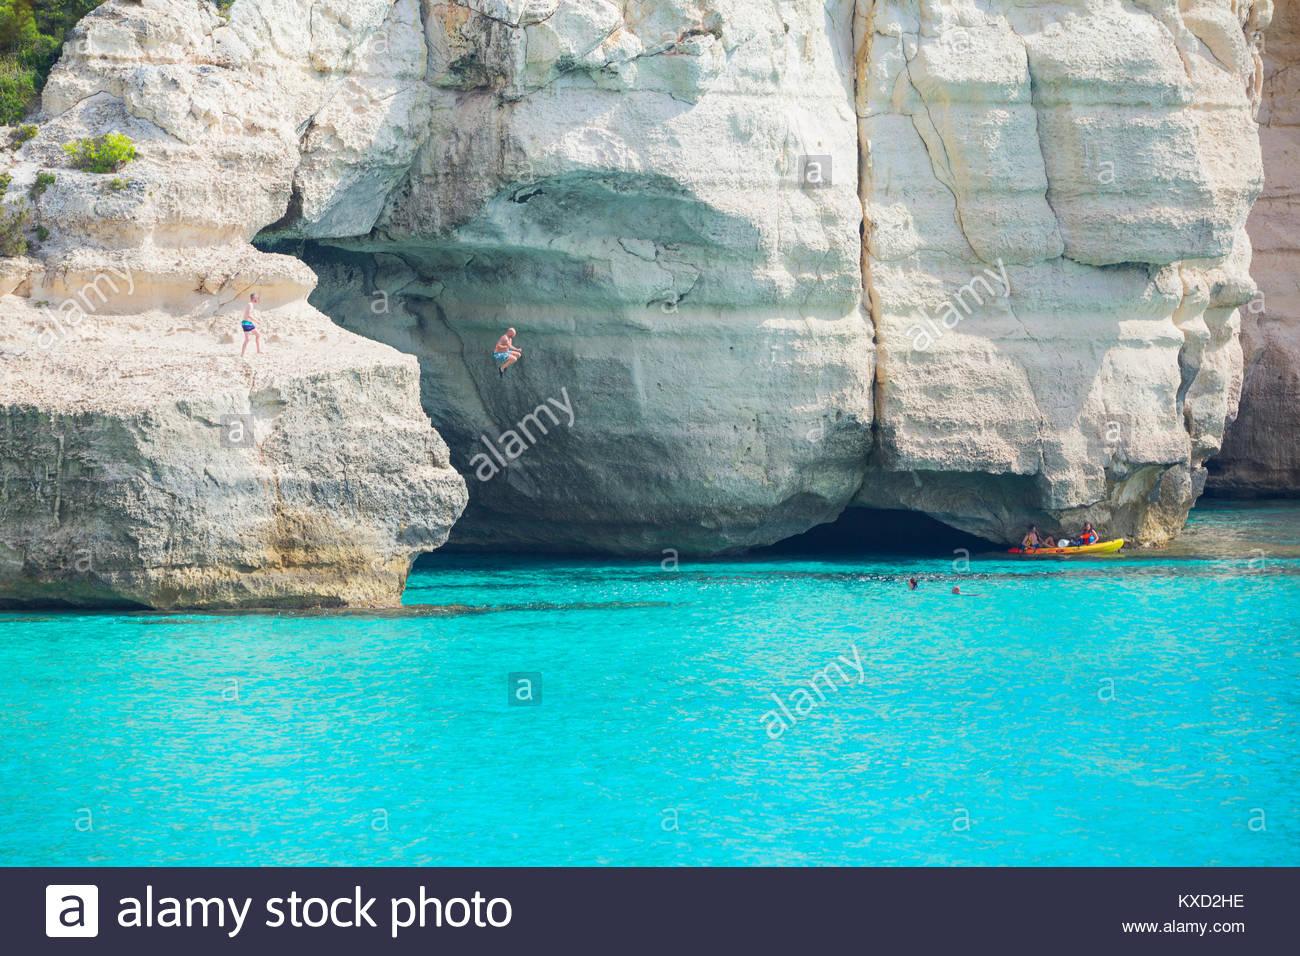 Personnes canoë et sauter dans l'eau, près de Cala Mitjana, Minorque, Iles Baléares, Espagne Photo Stock